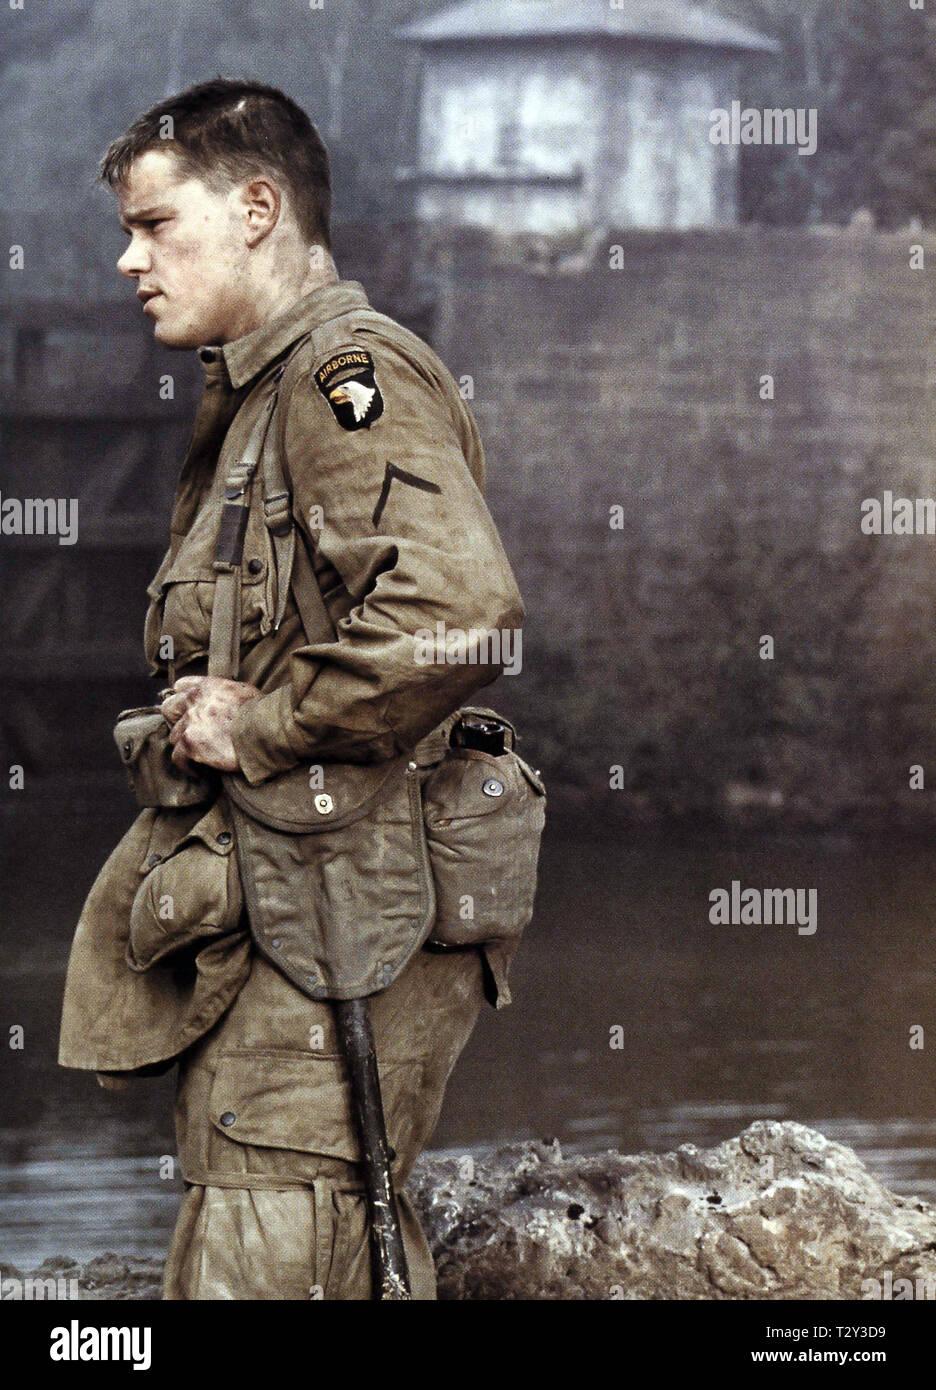 Matt Damon Saving Private Ryan 1998 Stock Photo Alamy